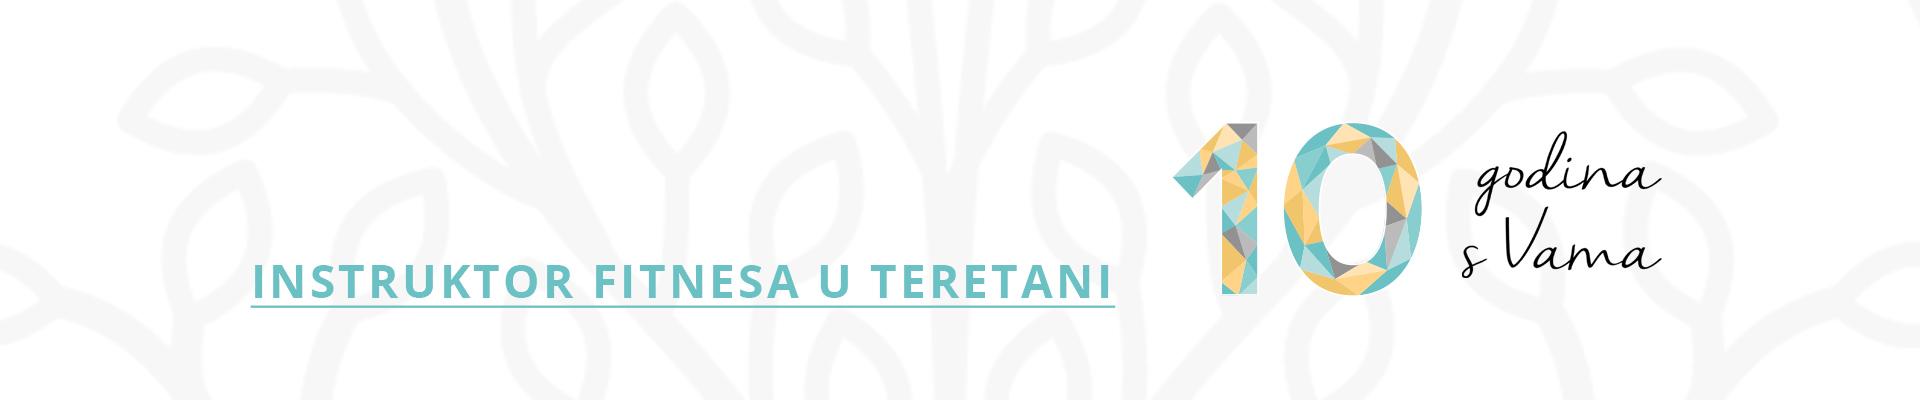 Ustanova Magistra Instruktor Fitnesa u Teretani